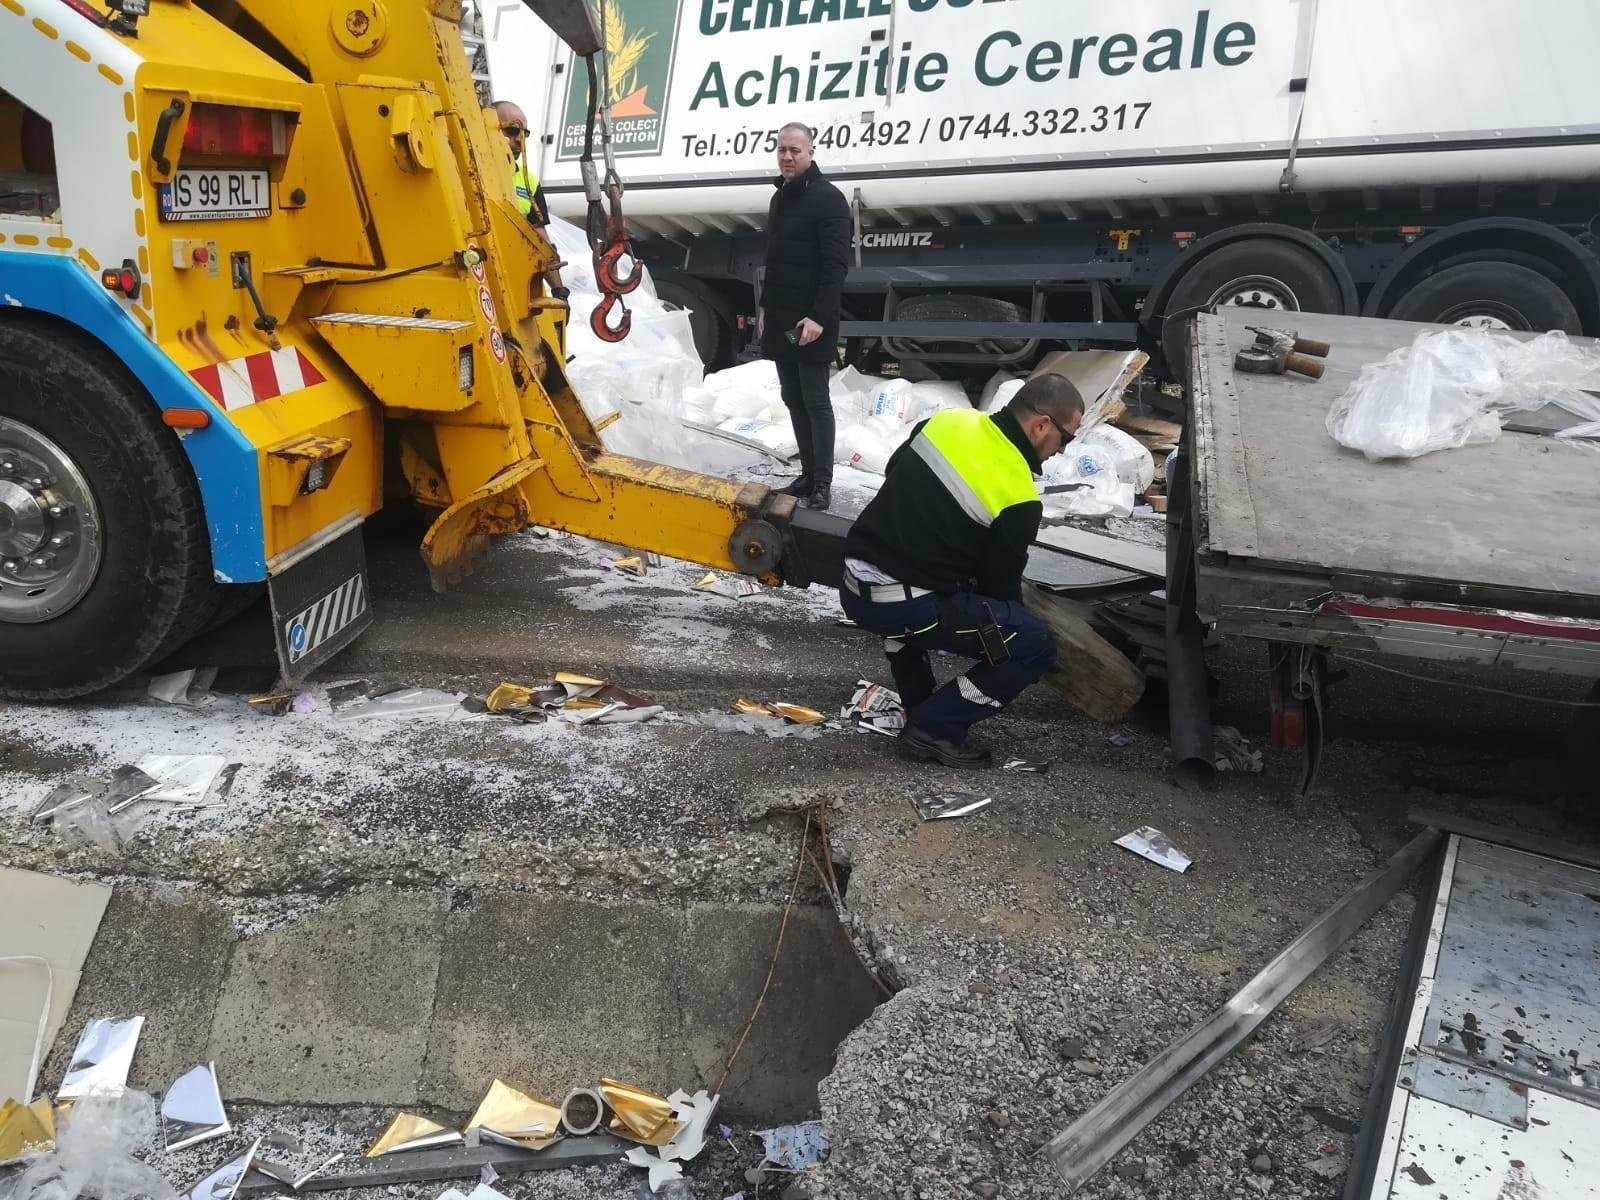 România, în top la numărul de accidente rutiere mortale. Guvernul caută soluții